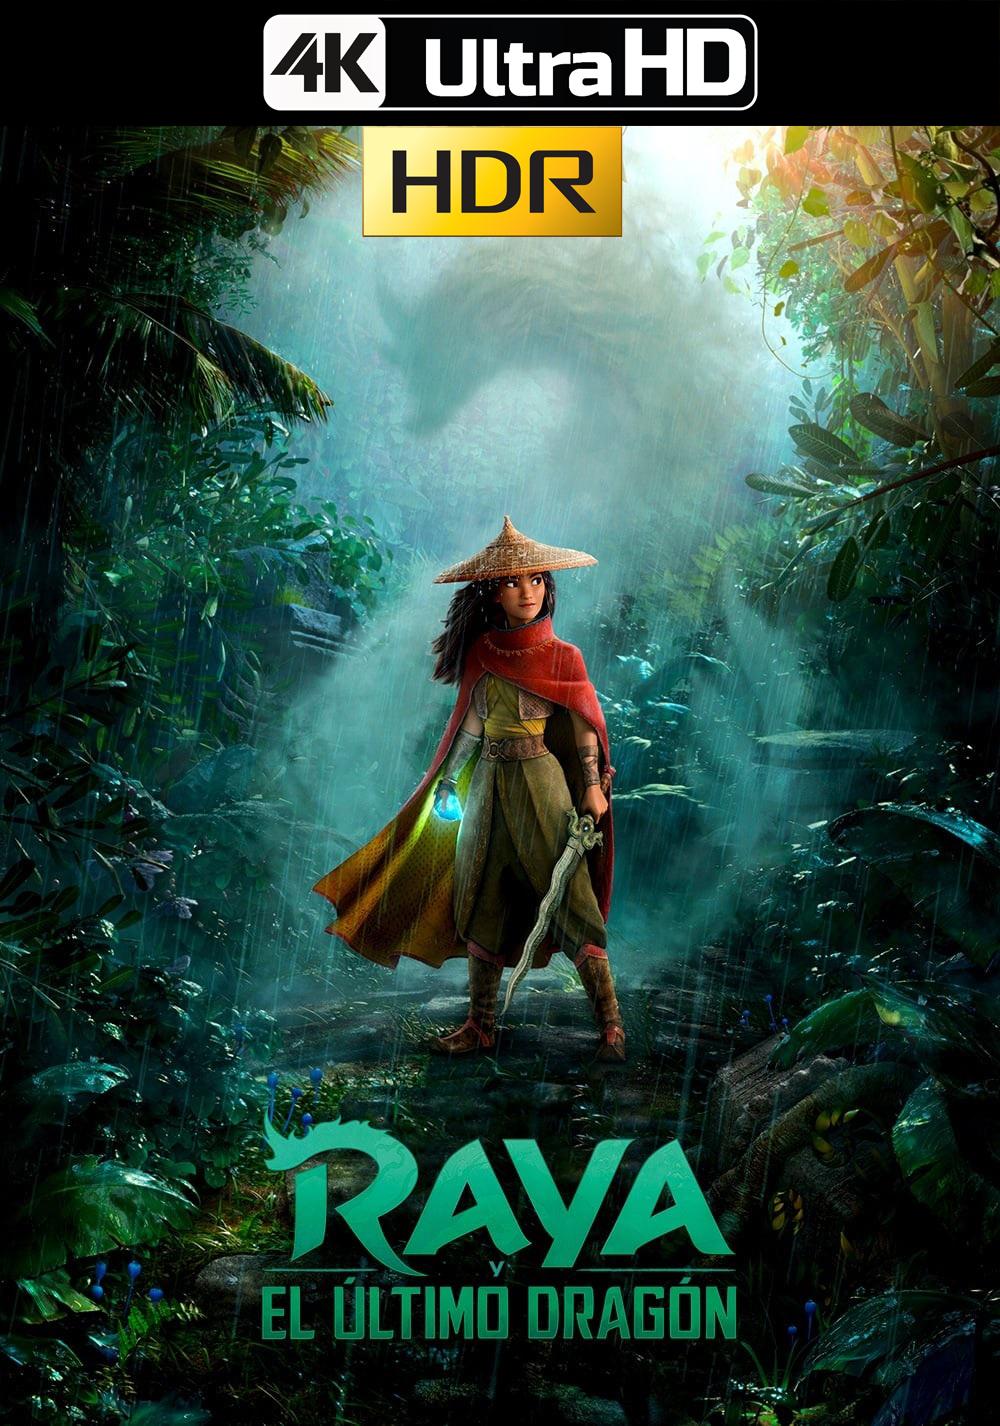 Raya y el último dragón (2021) D+ 4k WEB-DL 2160p Latino